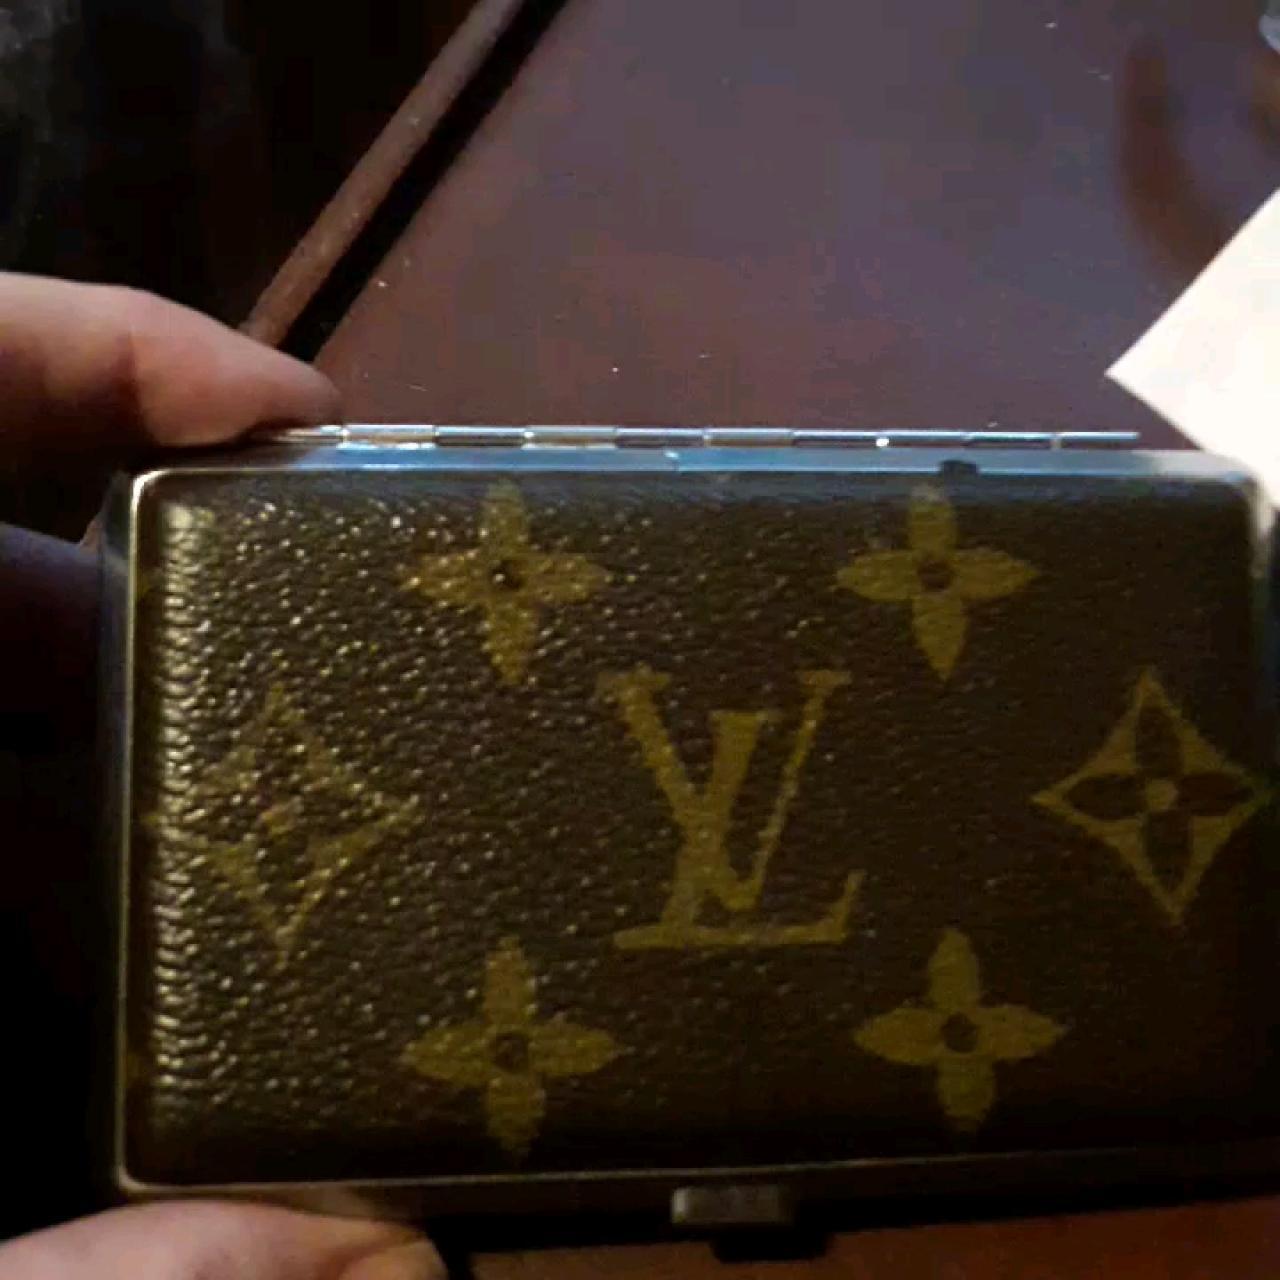 buy online bd62e a4d7f PRICE FIRM. Louis Vuitton vintage metal cigarette... - Depop